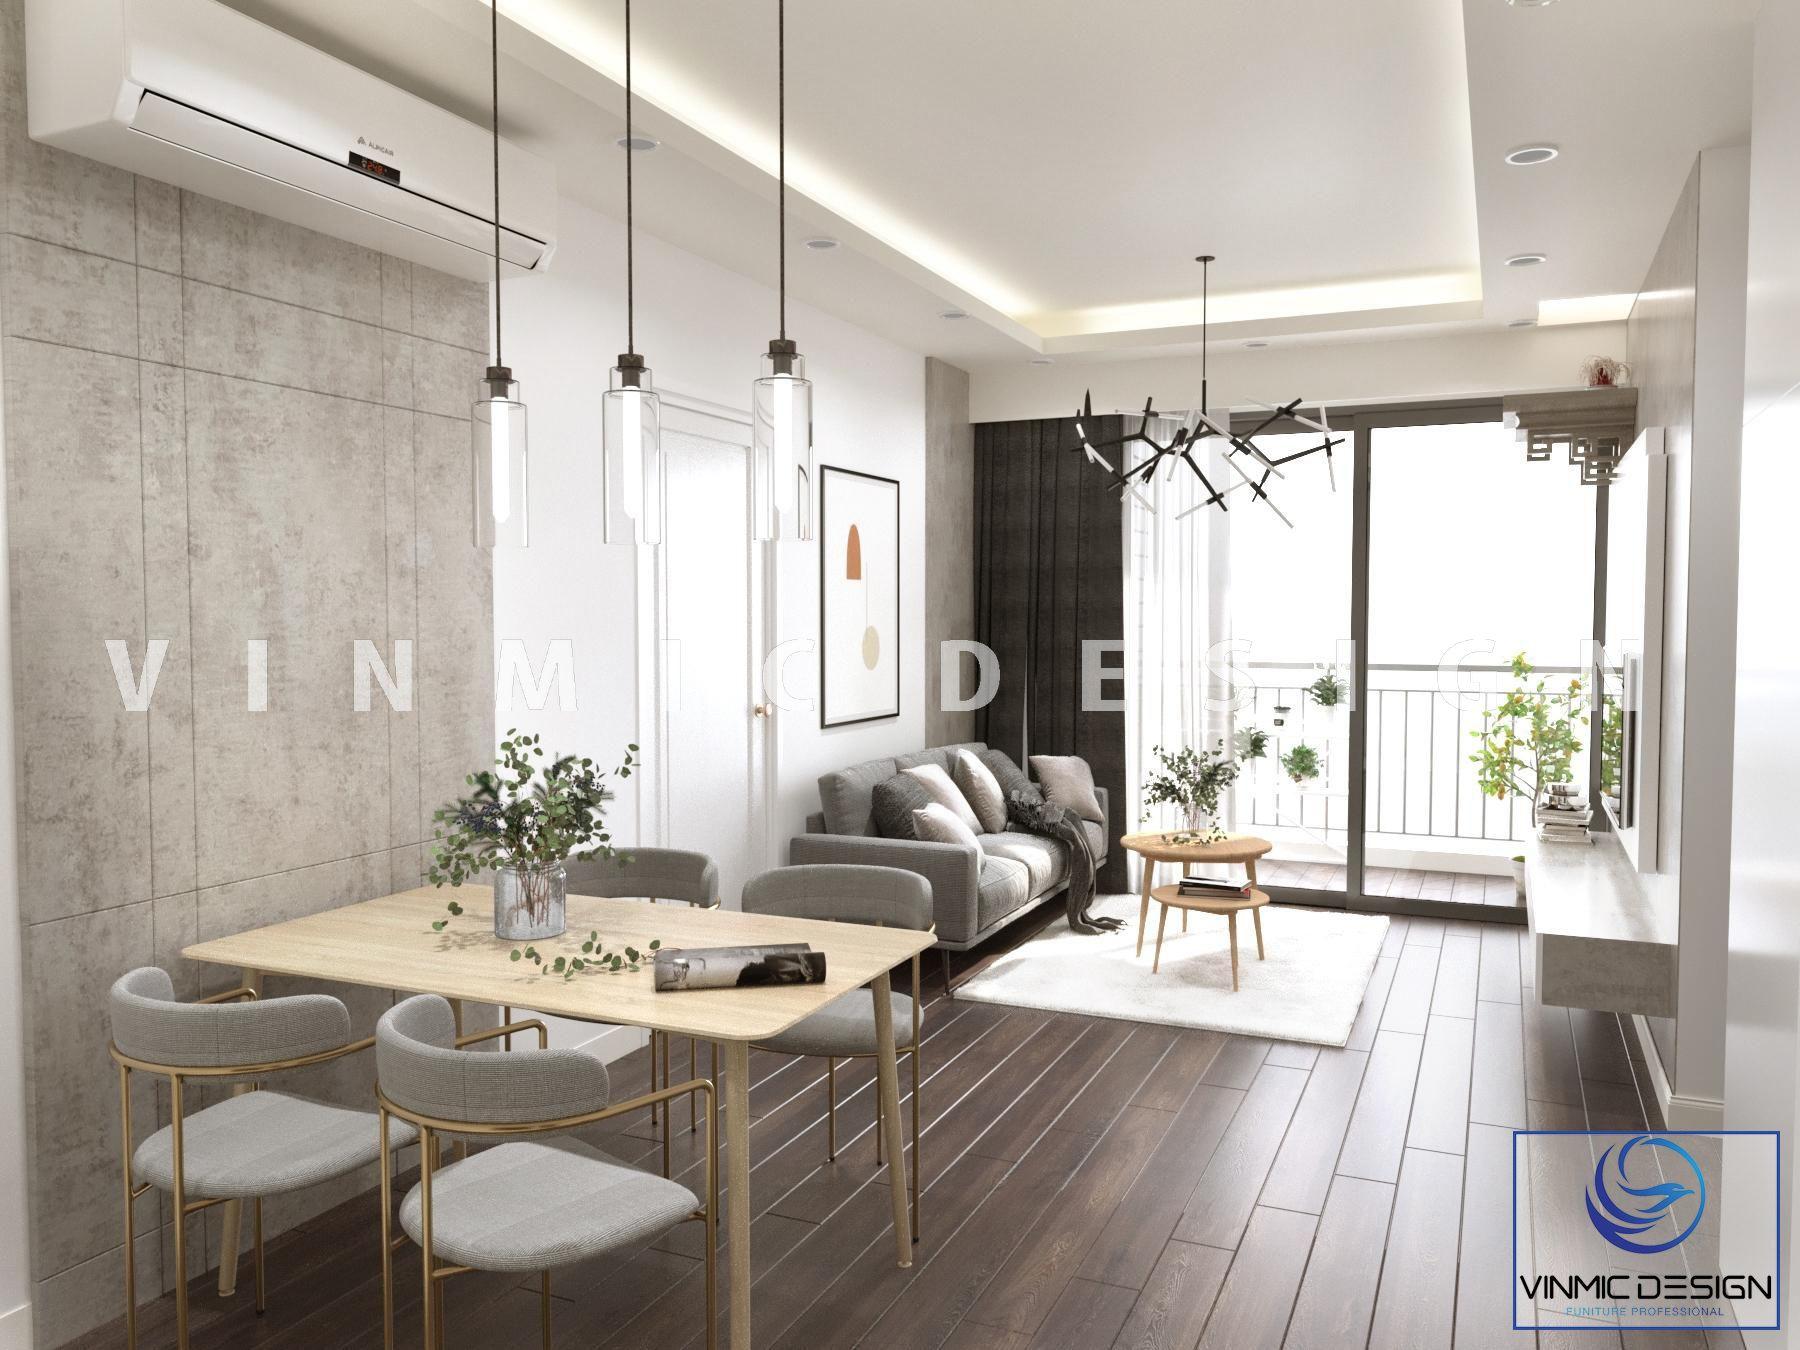 Thiết kế nhẹ nhàng, hiện đại của phòng khách